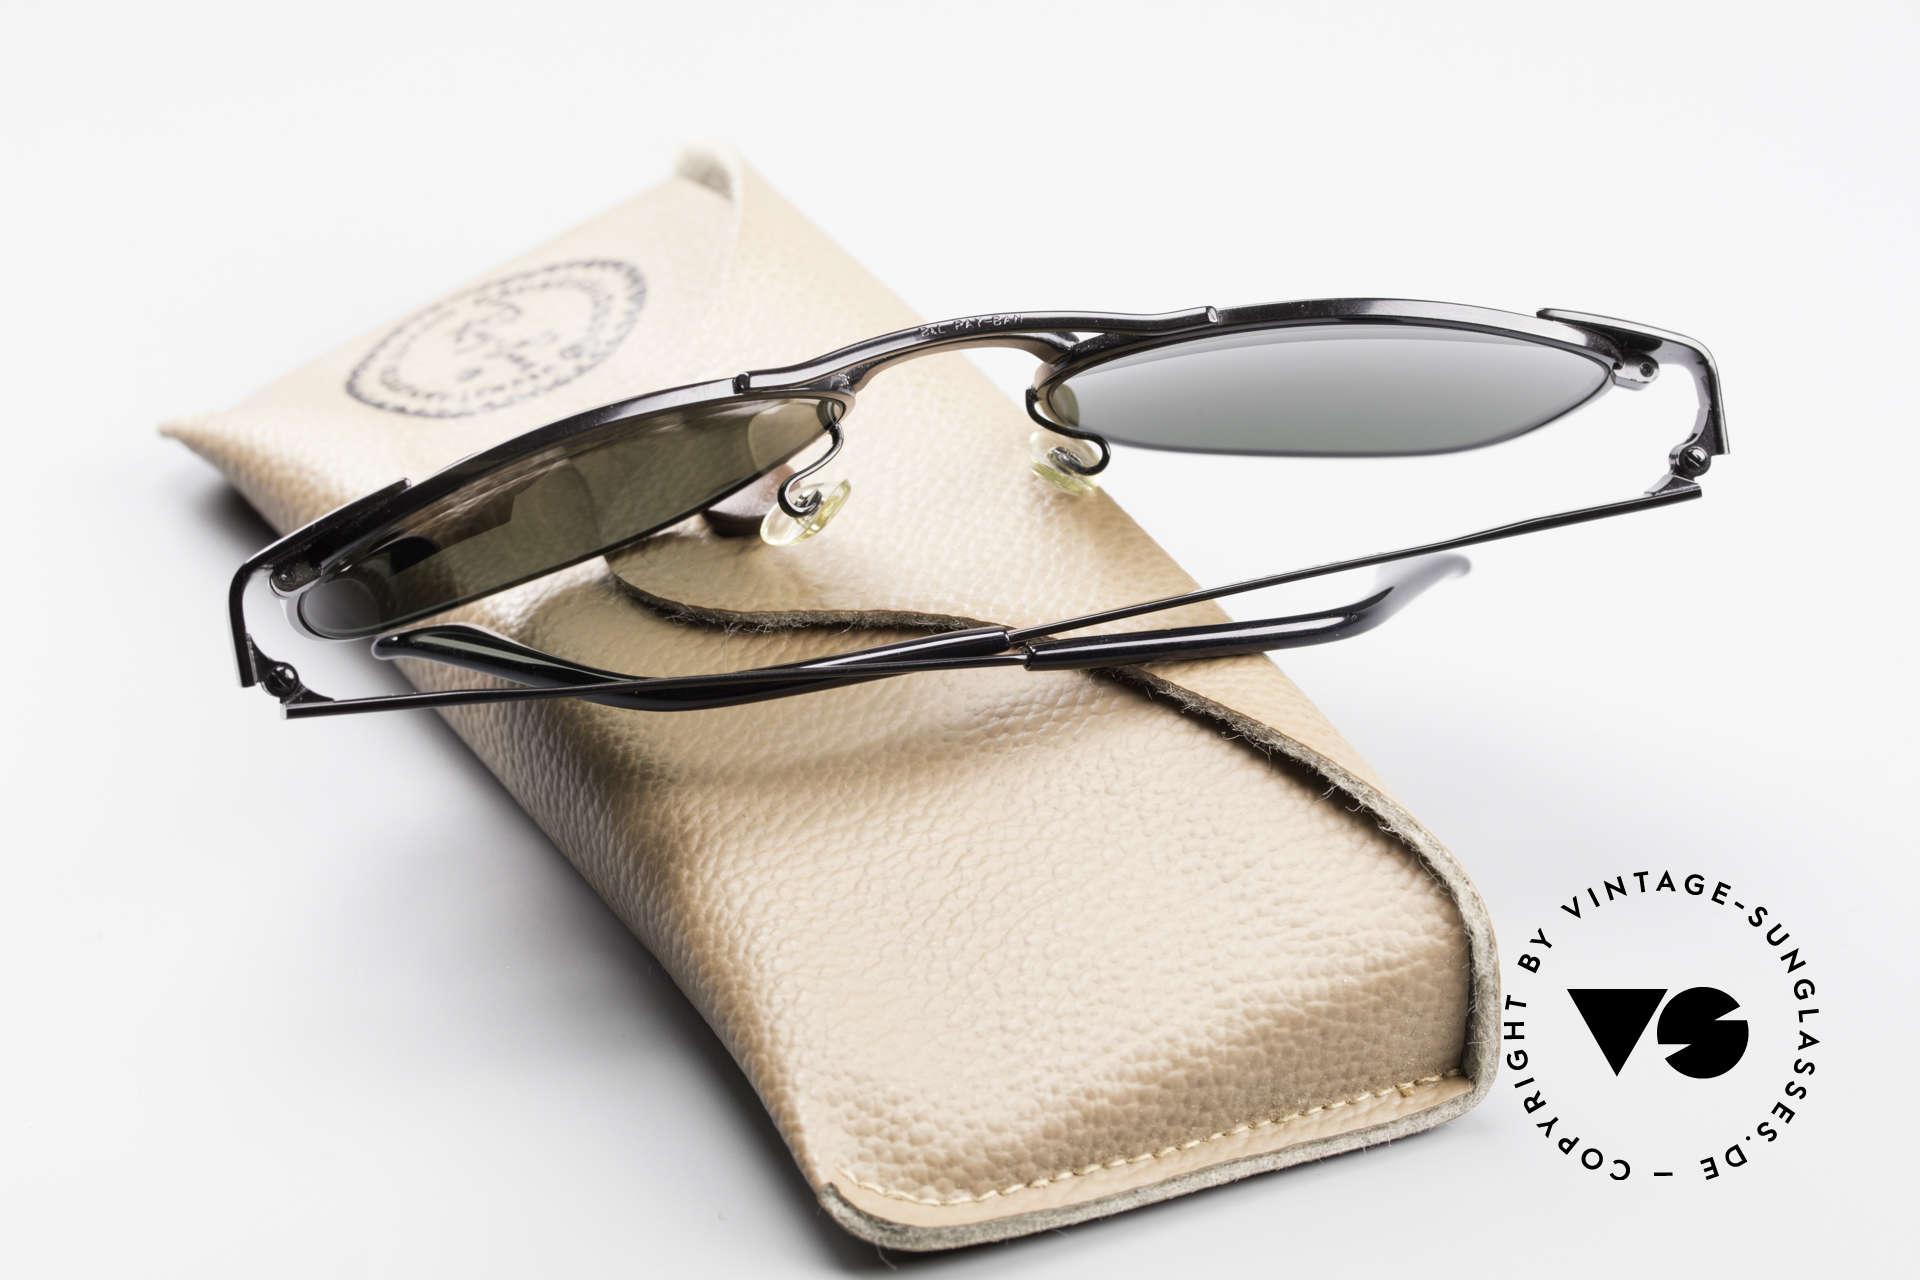 Ray Ban Signet Old USA B&L Ray-Ban Shades, NO RETRO shades, but a true vintage ORIGINAL, Made for Men